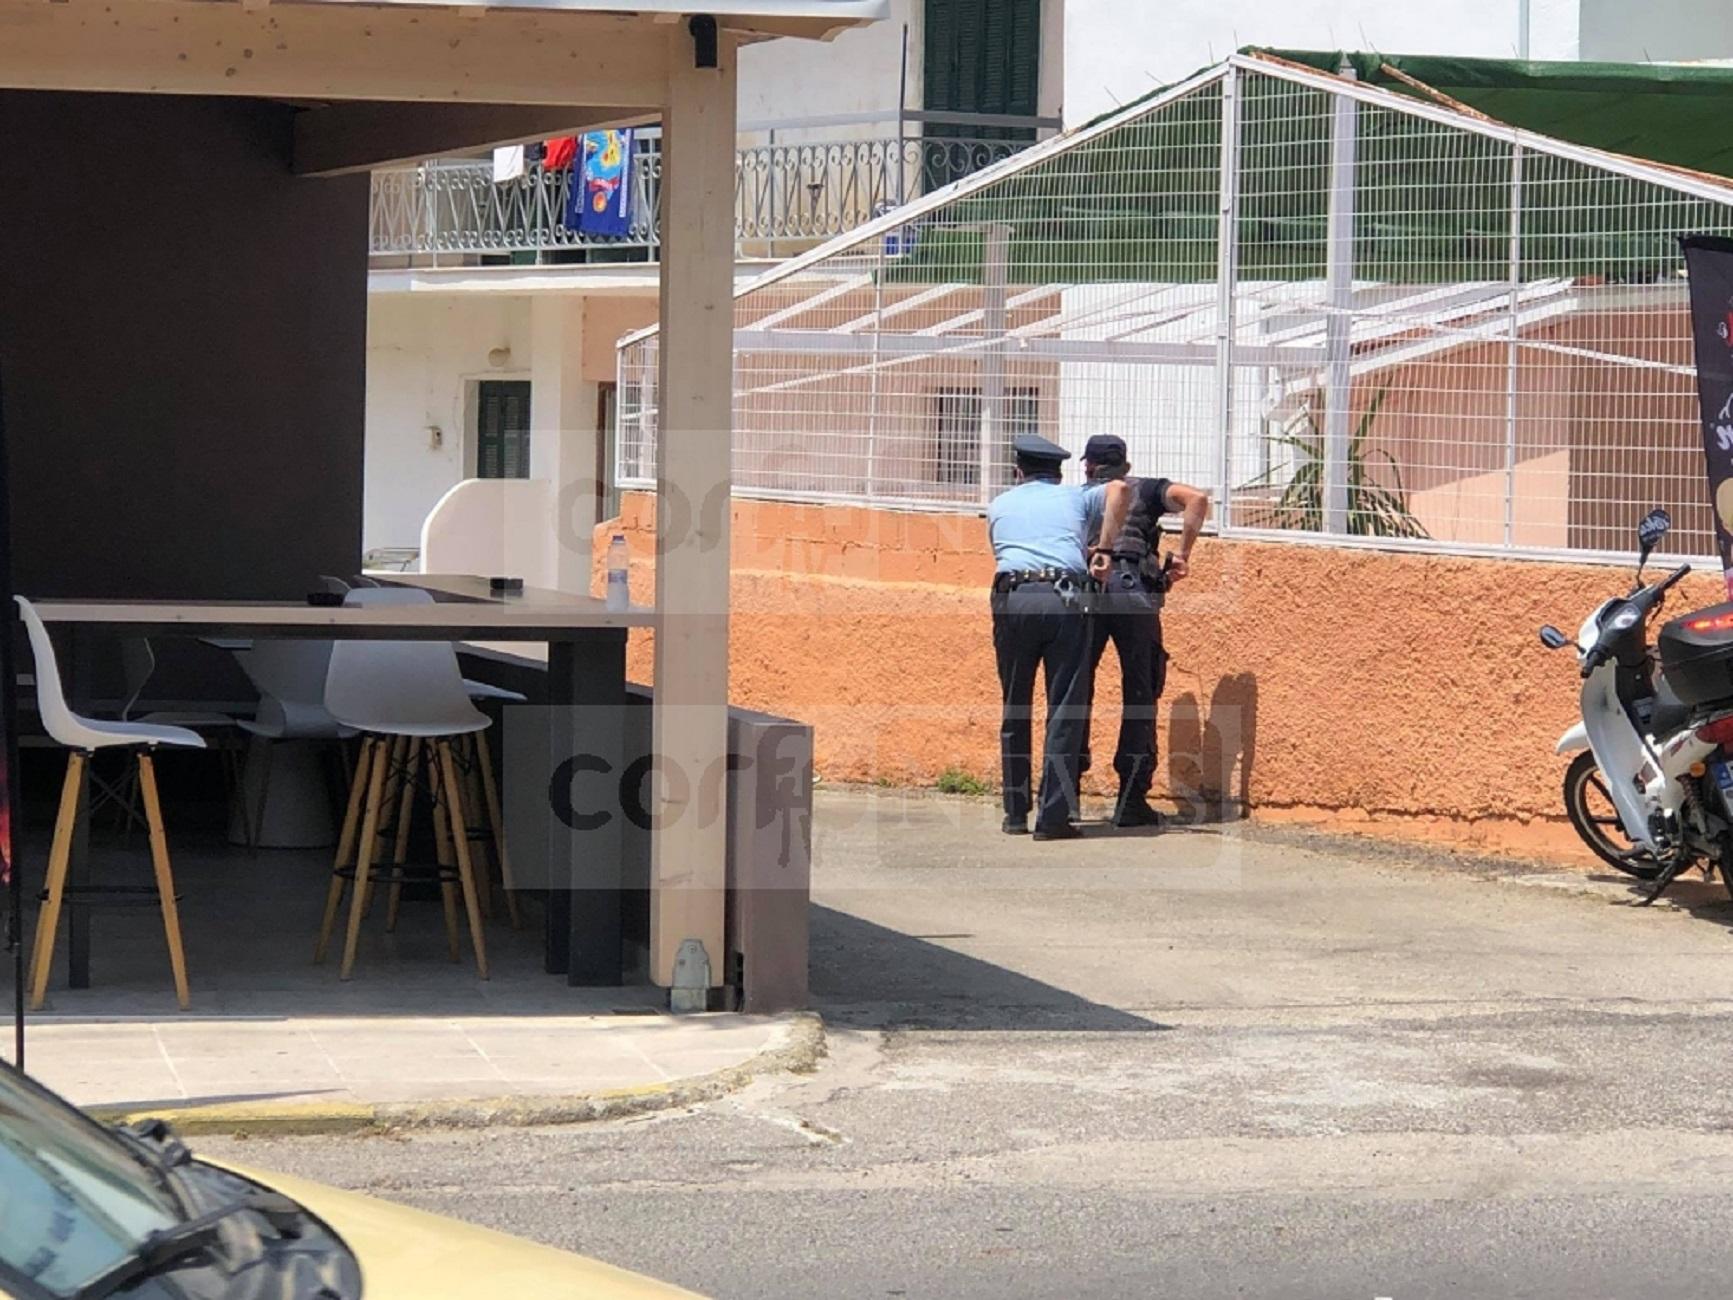 Μακελειό στην Κέρκυρα: Άνδρας δολοφόνησε εν ψυχρώ με καραμπίνα ένα ζευγάρι και μετά αυτοκτόνησε – ΒΙΝΤΕΟ – ΦΩΤΟ